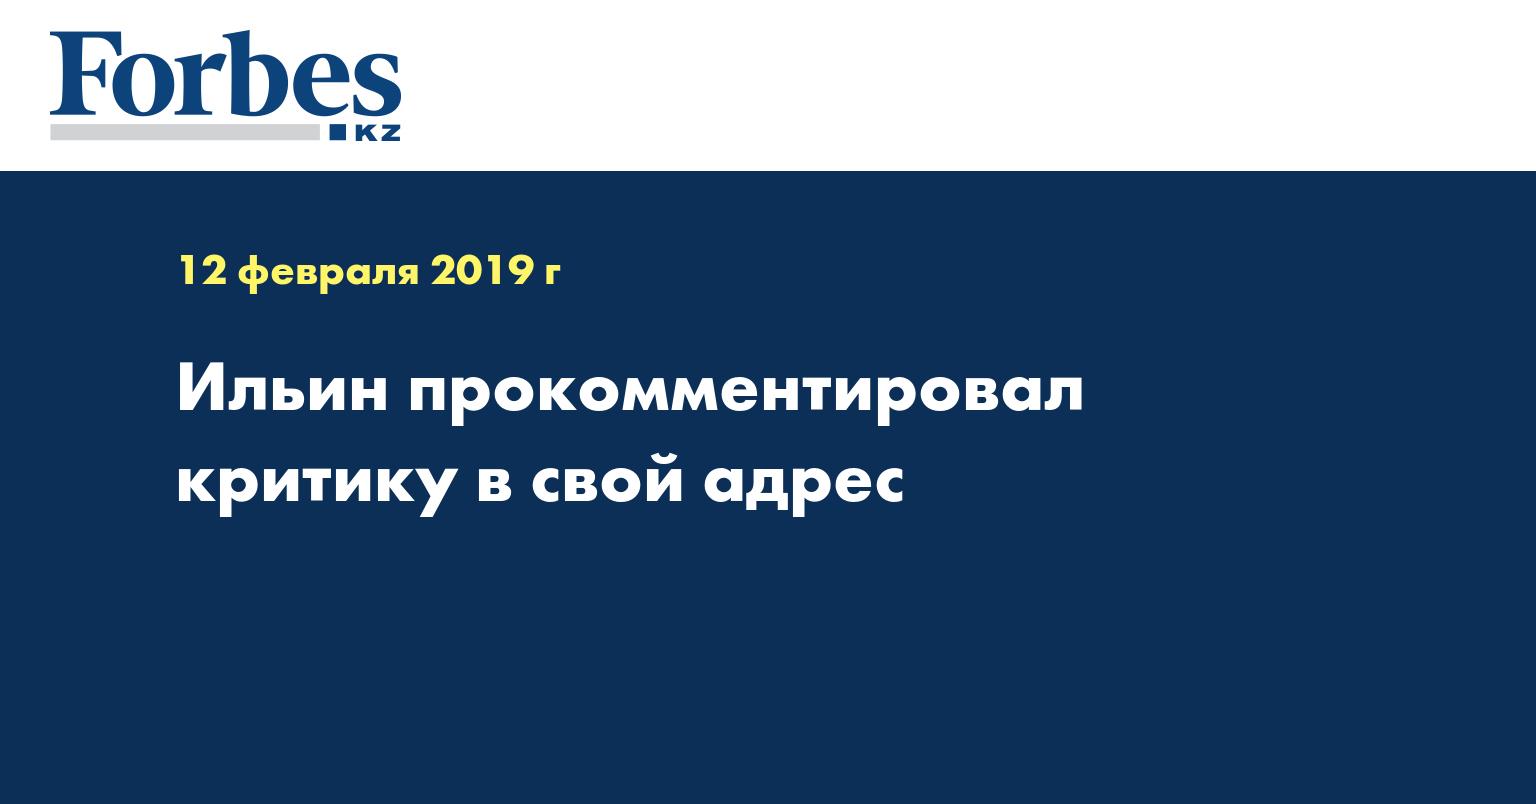 Ильин прокомментировал критику в свой адрес